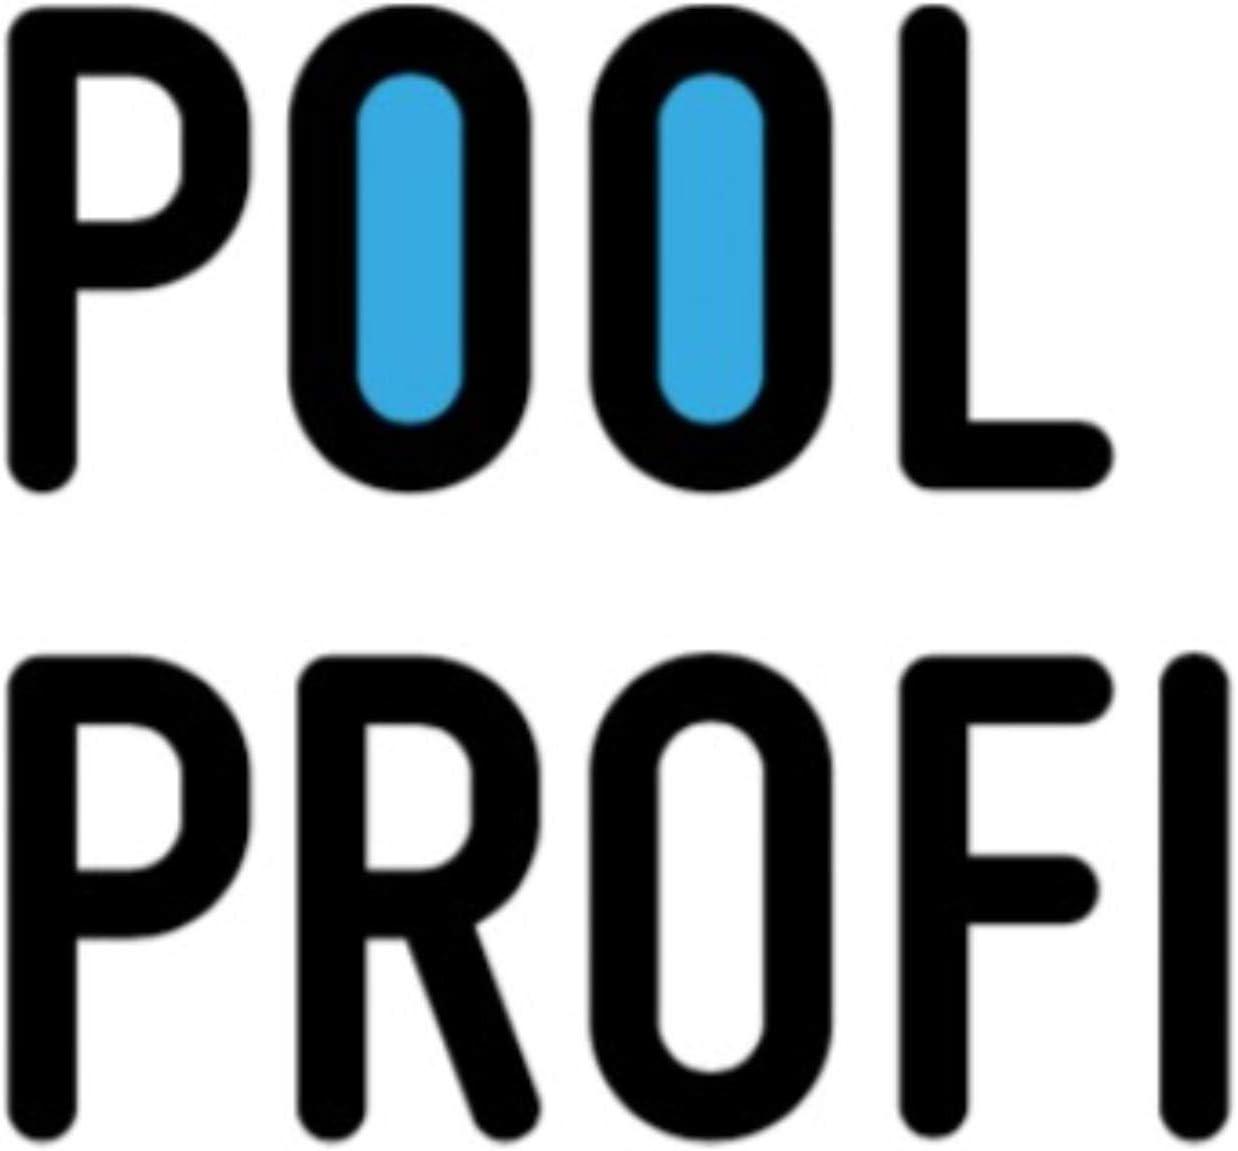 Pool Folie oval 3,70m x 5,50m x 1,20m Folienst/ärke 0,5mm Lagoon mit /Überlappung Poolfolie Innenh/ülle 370 x 550 x 120 cm Stahlwandpool Ovalpool